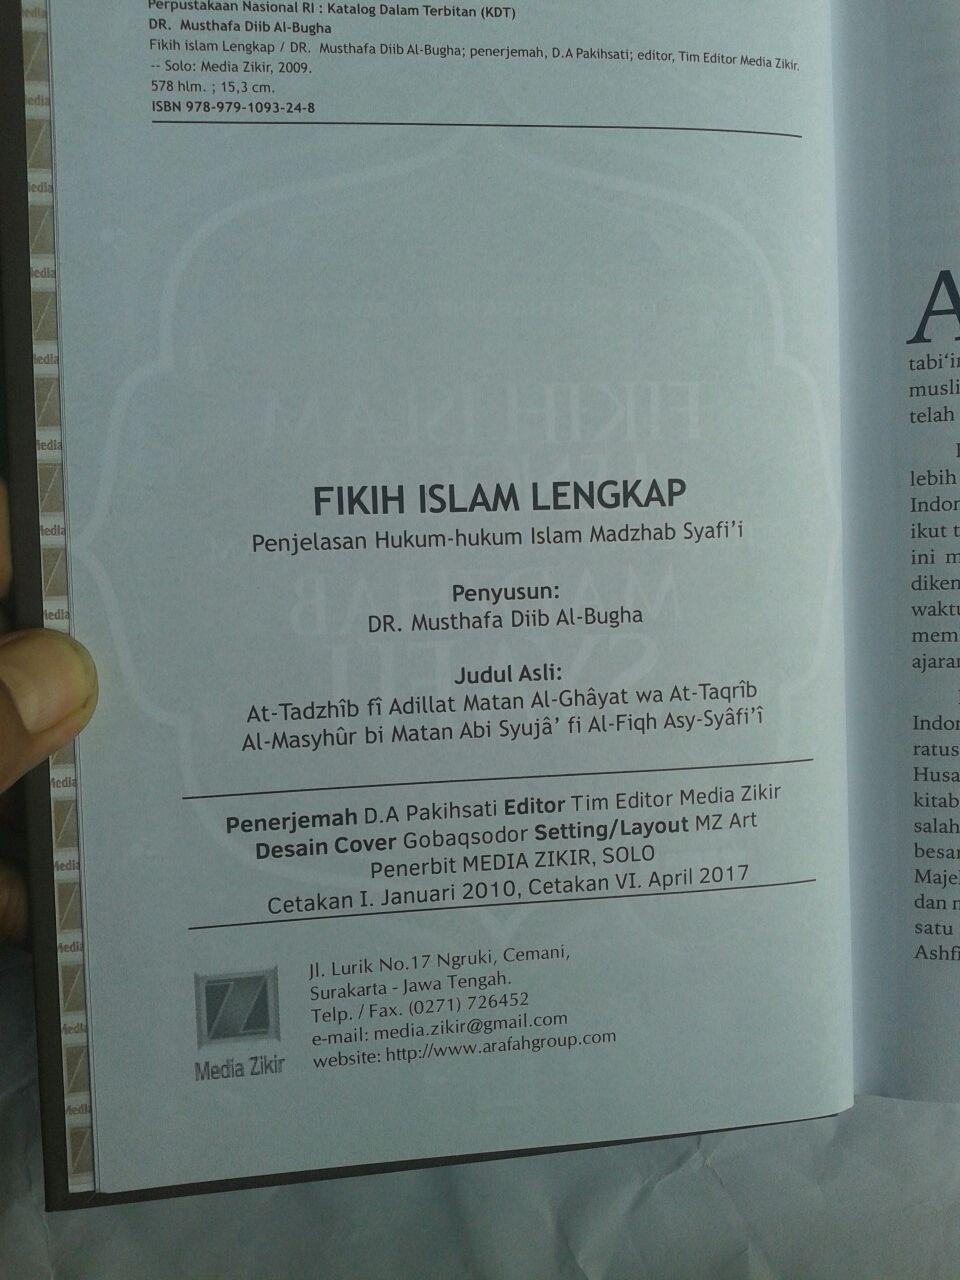 Buku Fikih Islam Lengkap Penjelasan Hukum Hukum Islam Madzhab Syafi'i isi